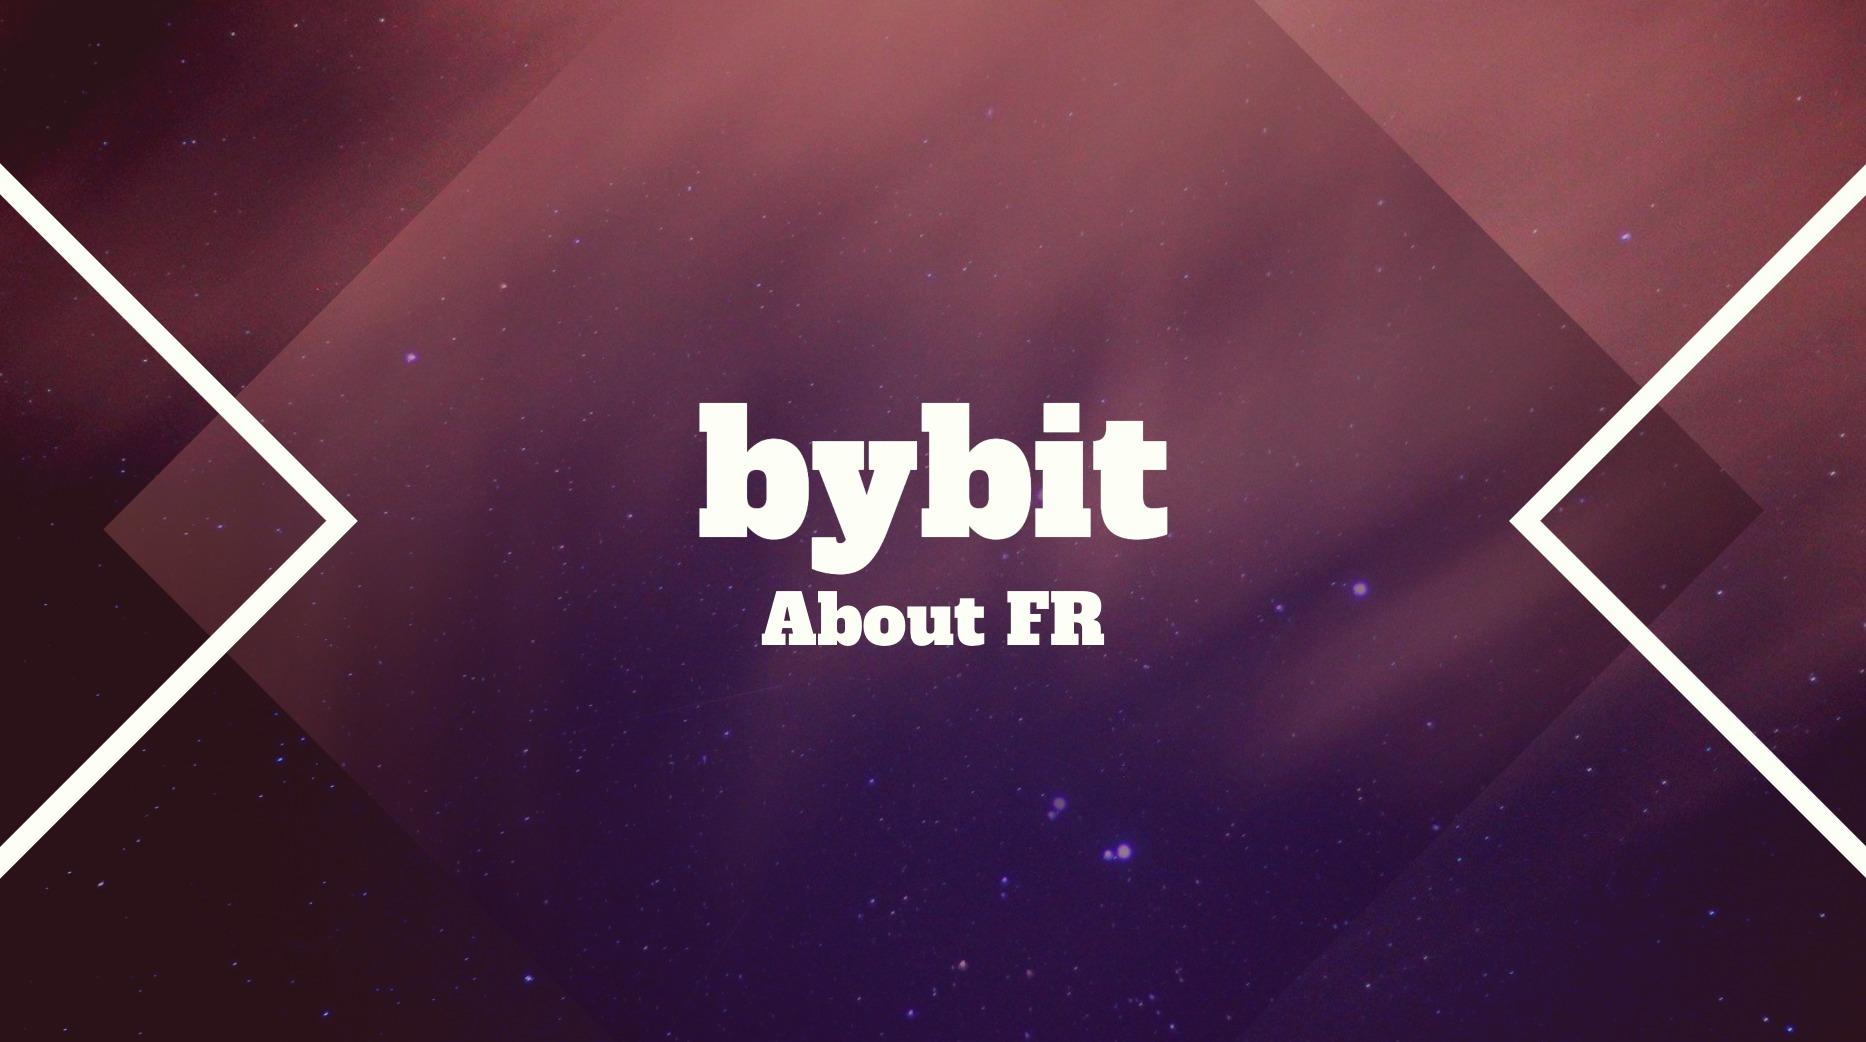 bybitで両建てを駆使してローリスクでFRをもらう方法